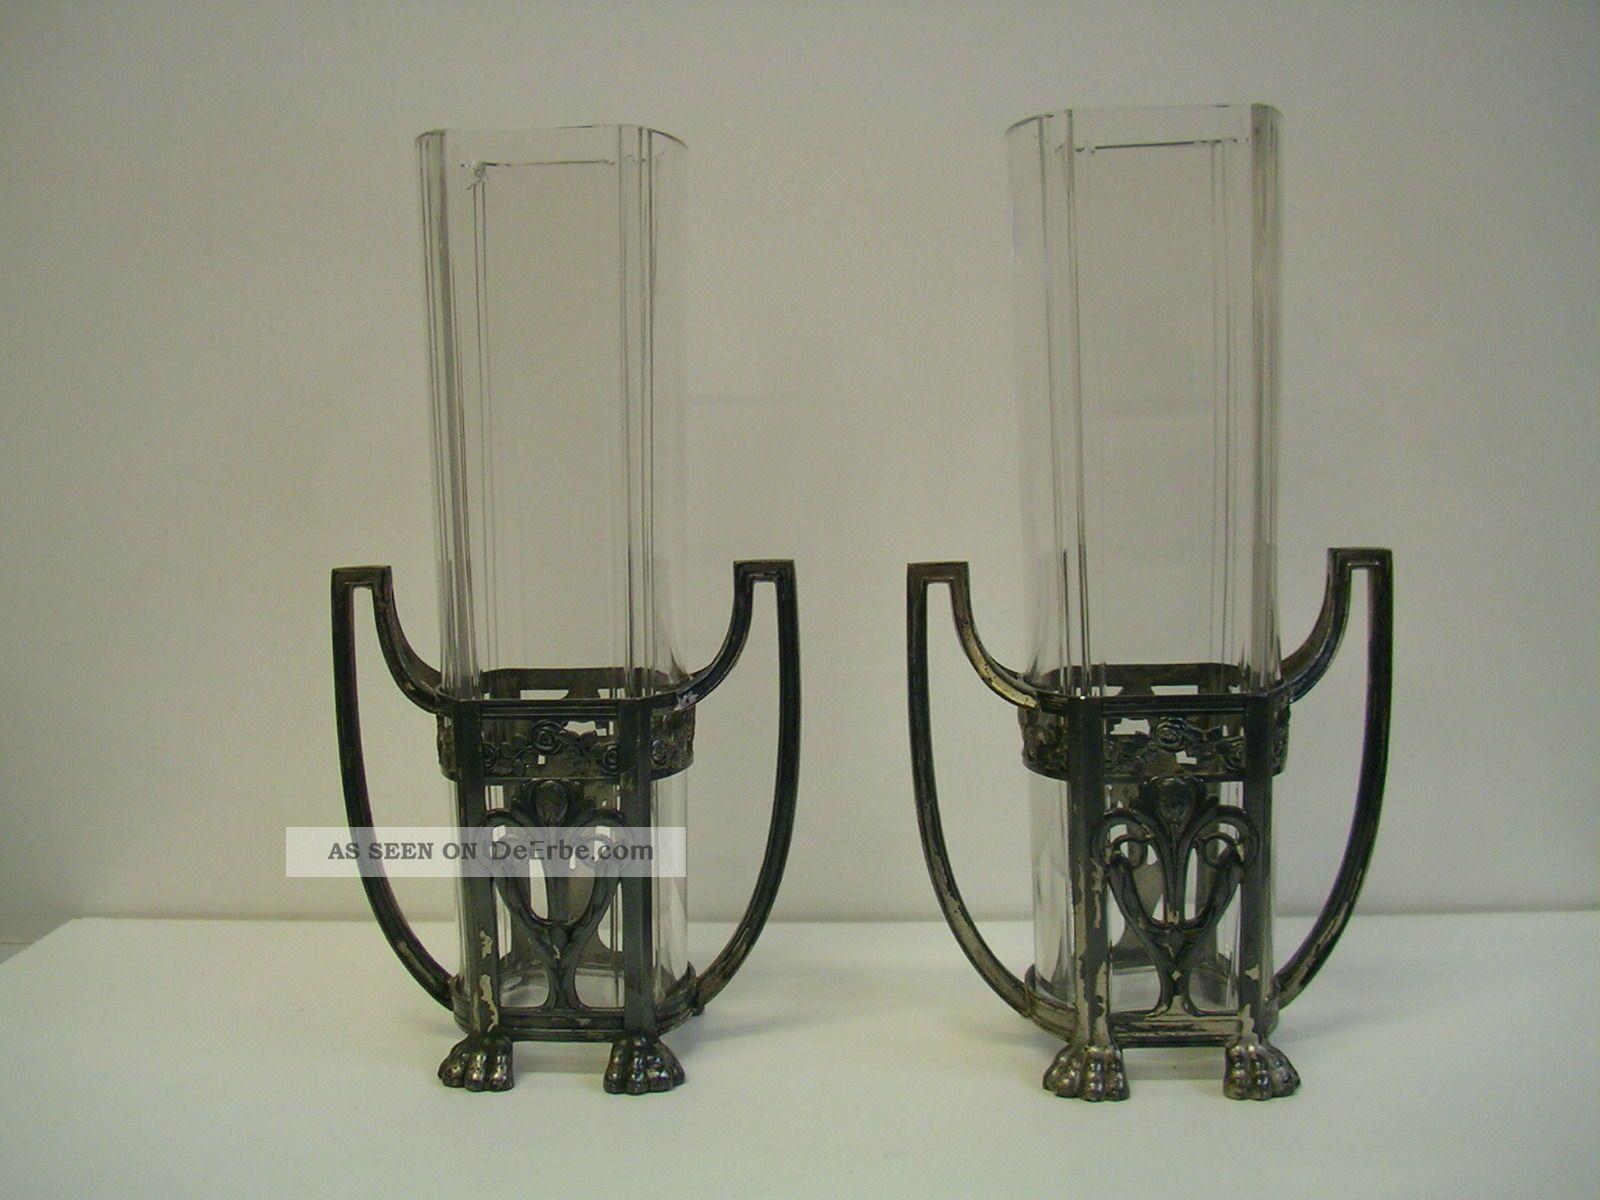 Paar Wmf Straußenmarke Jugendstil Vasen Sammlerglas Bild